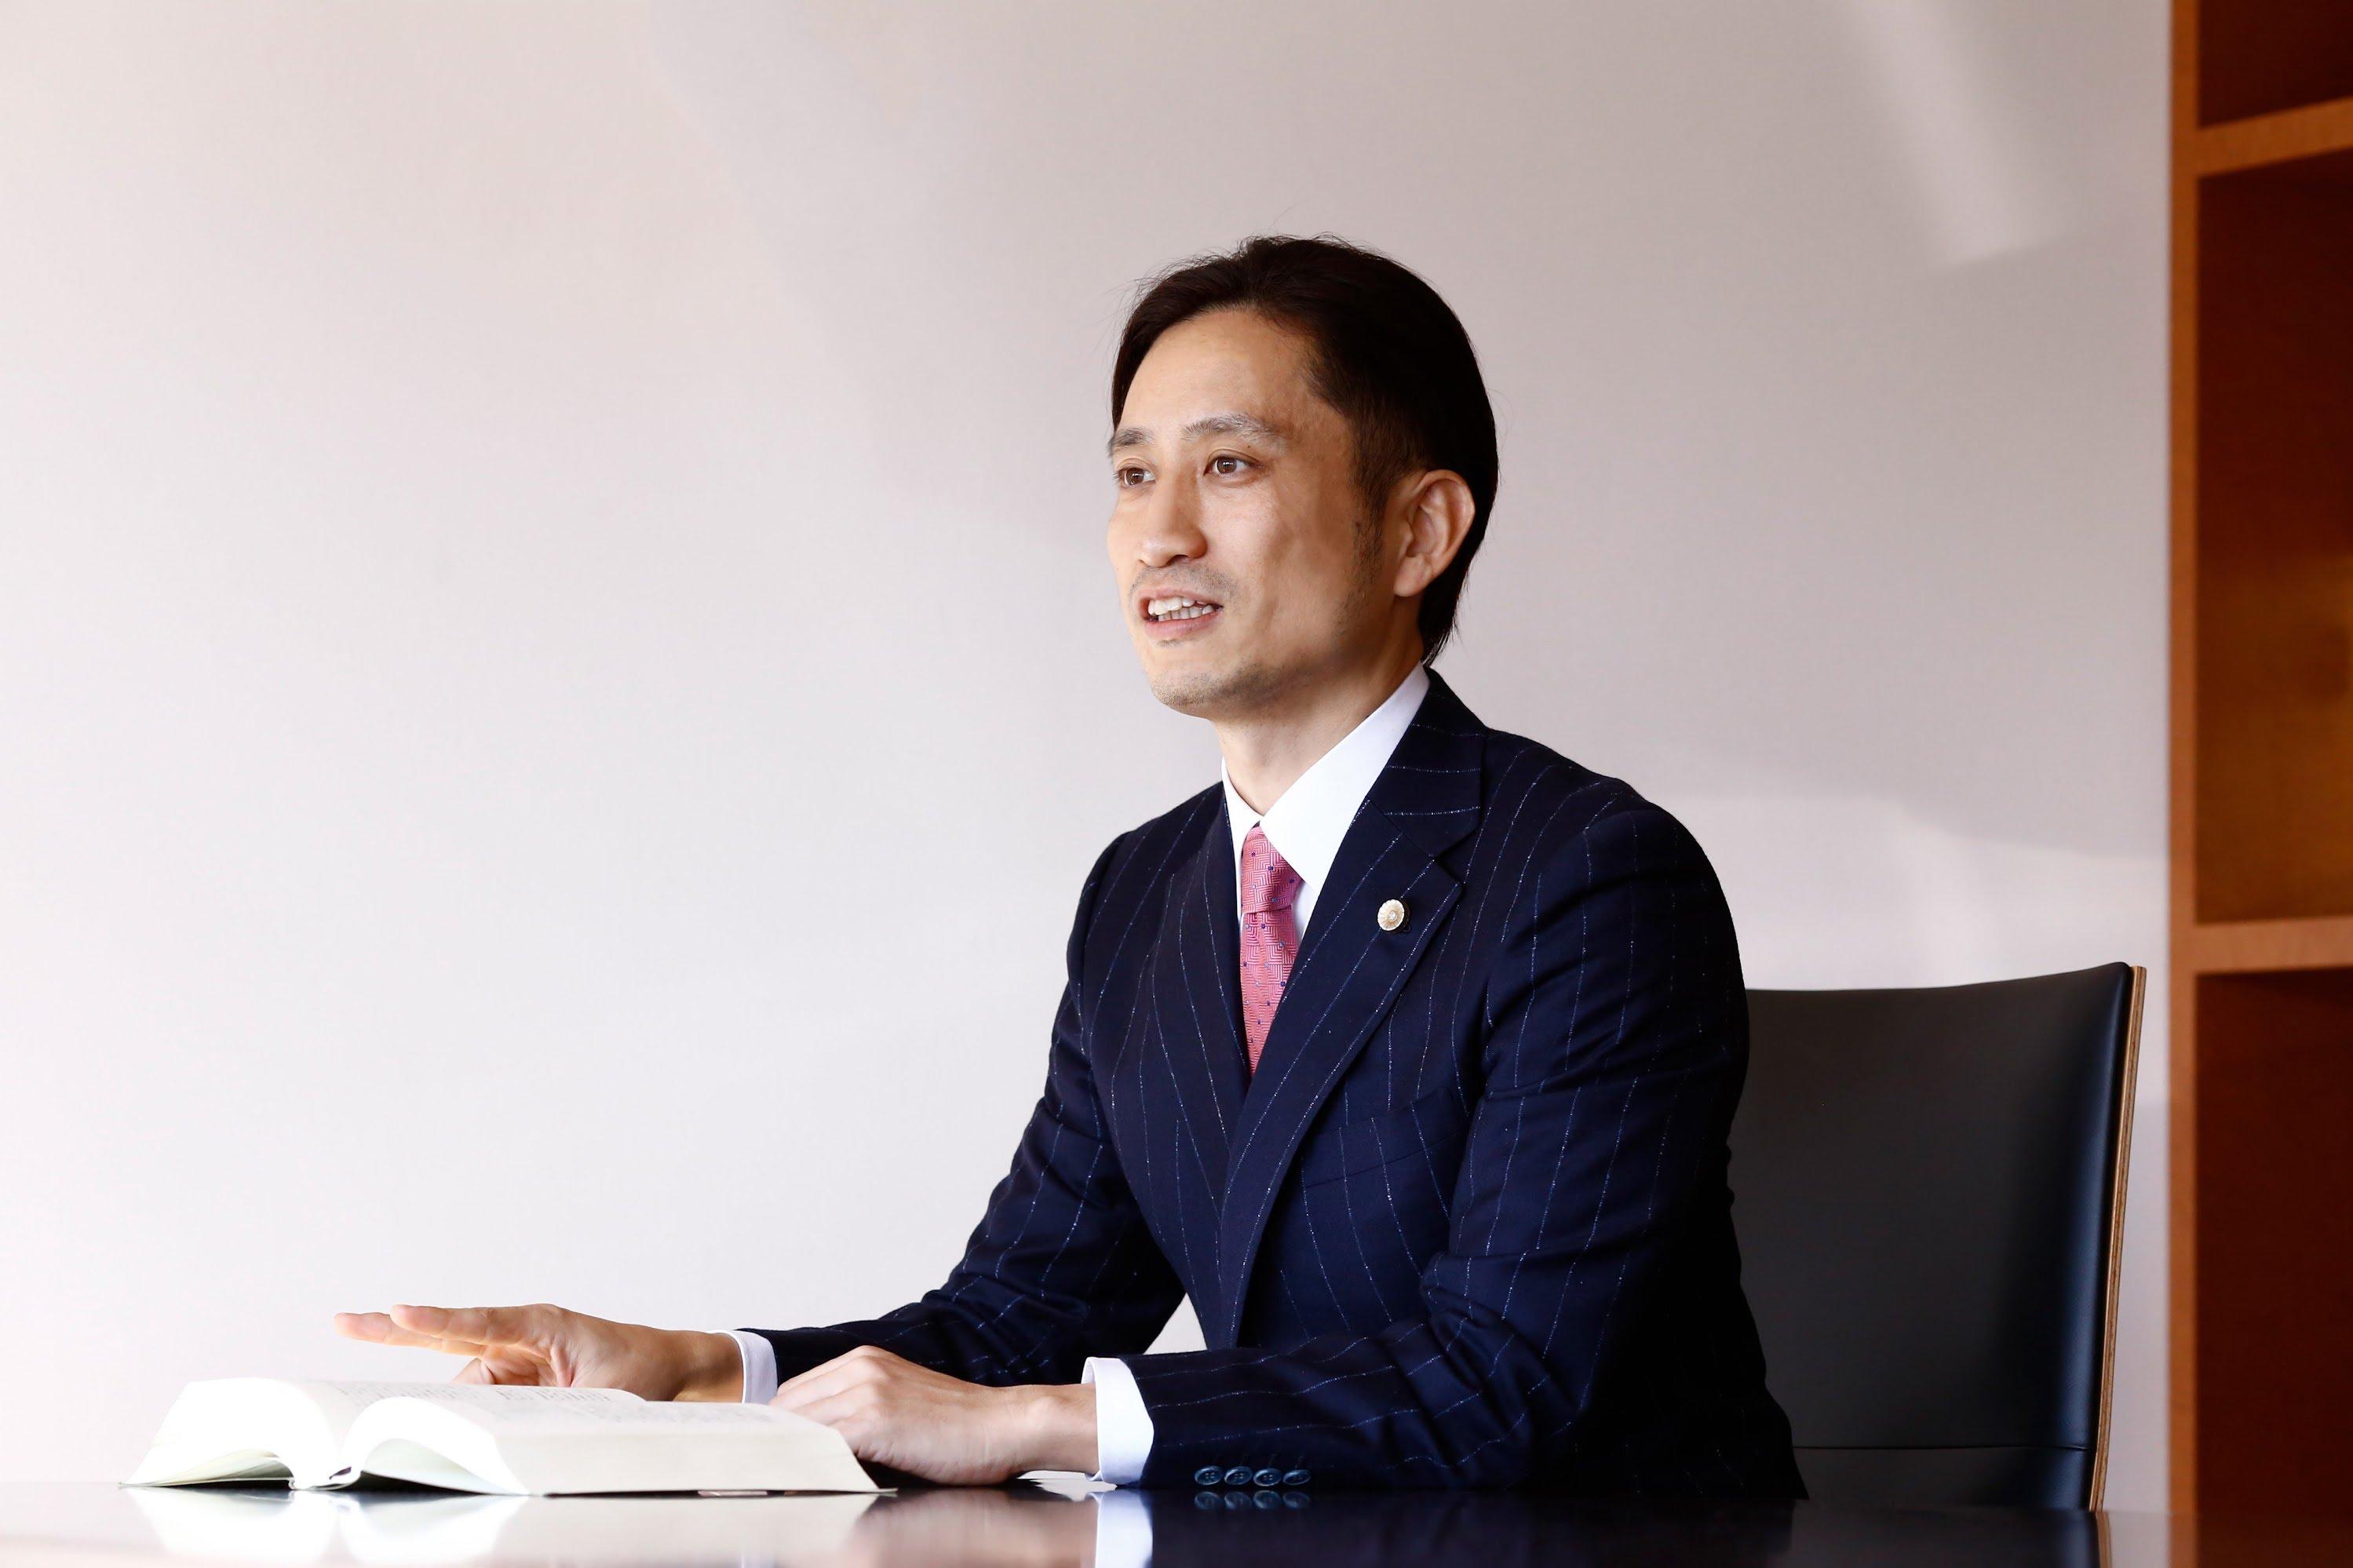 アトム法律事務所 名古屋支部